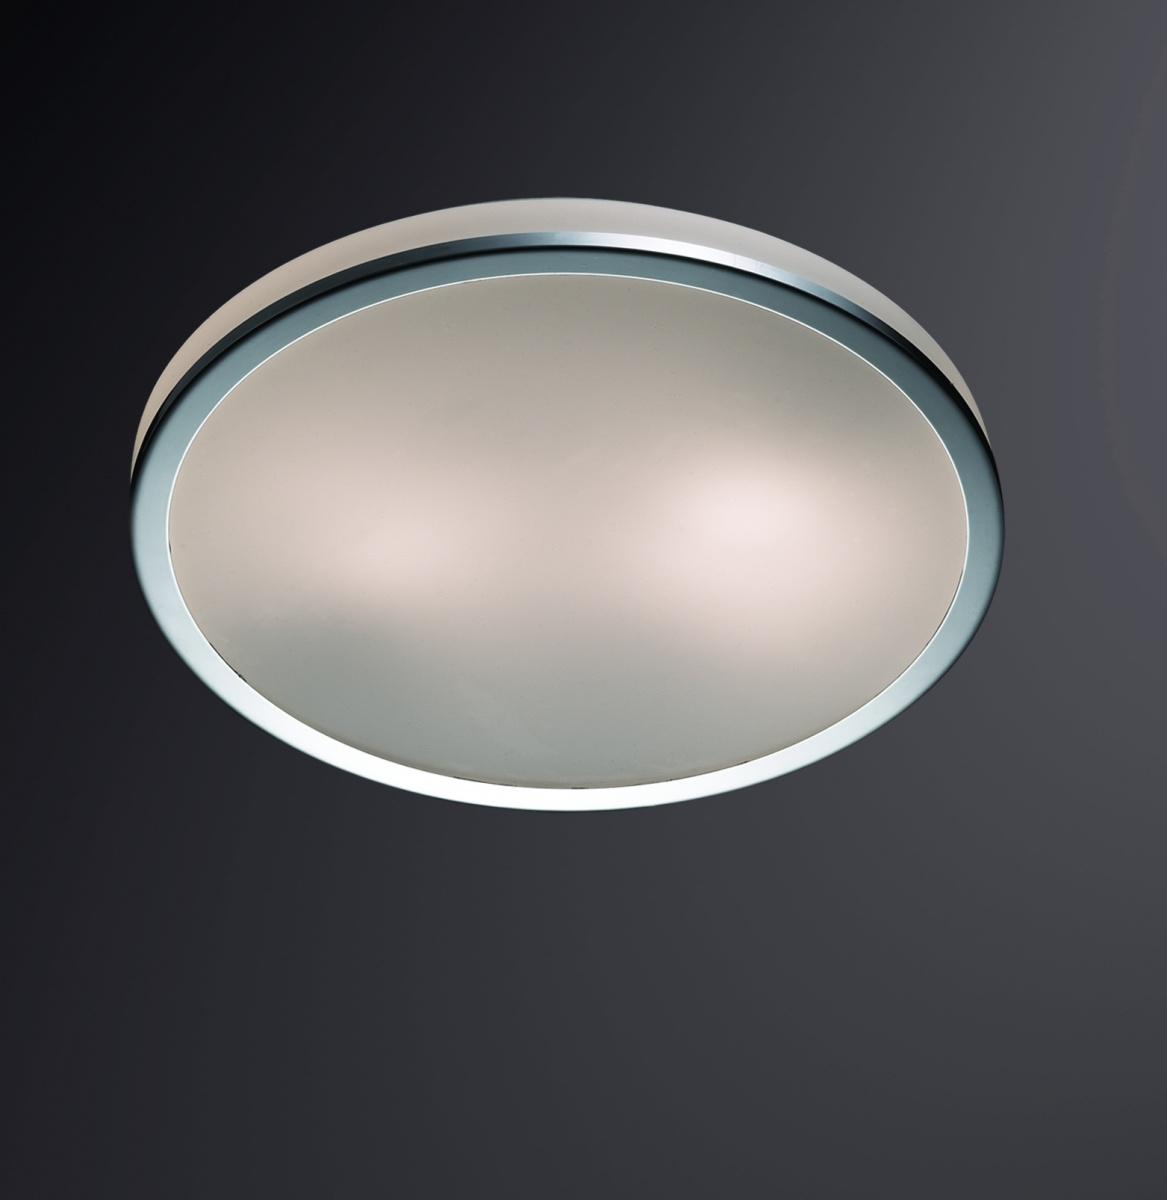 Odeon Light 2177/2C Настенно-потолочный светильник YUN 2х60W E27 IP44 хром